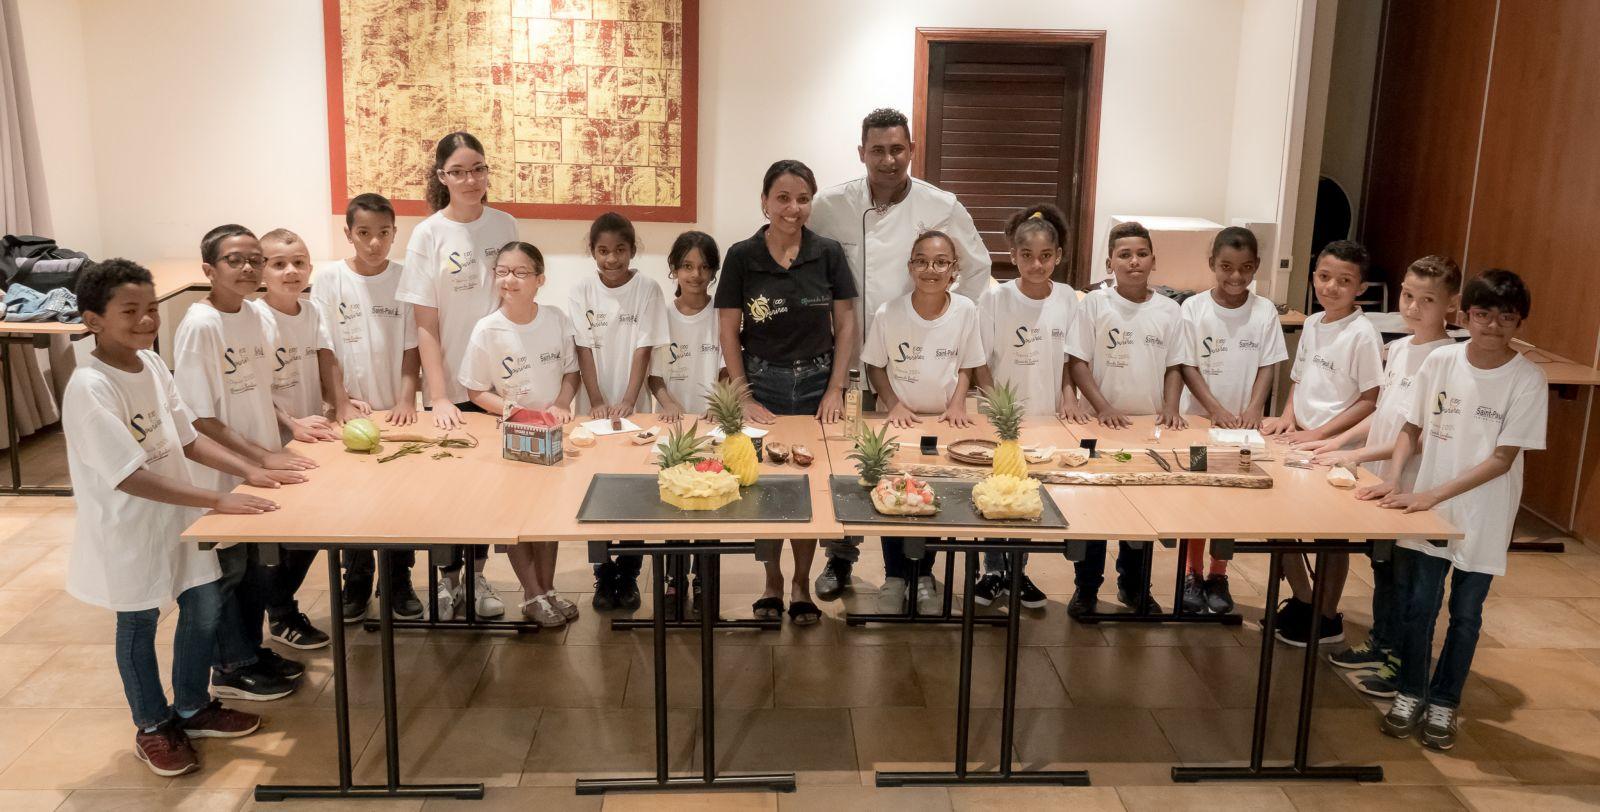 <center>Première action caritative pour Miss Réunion 2018<br> au Palm, avec les marmailles de 1000 Sourires